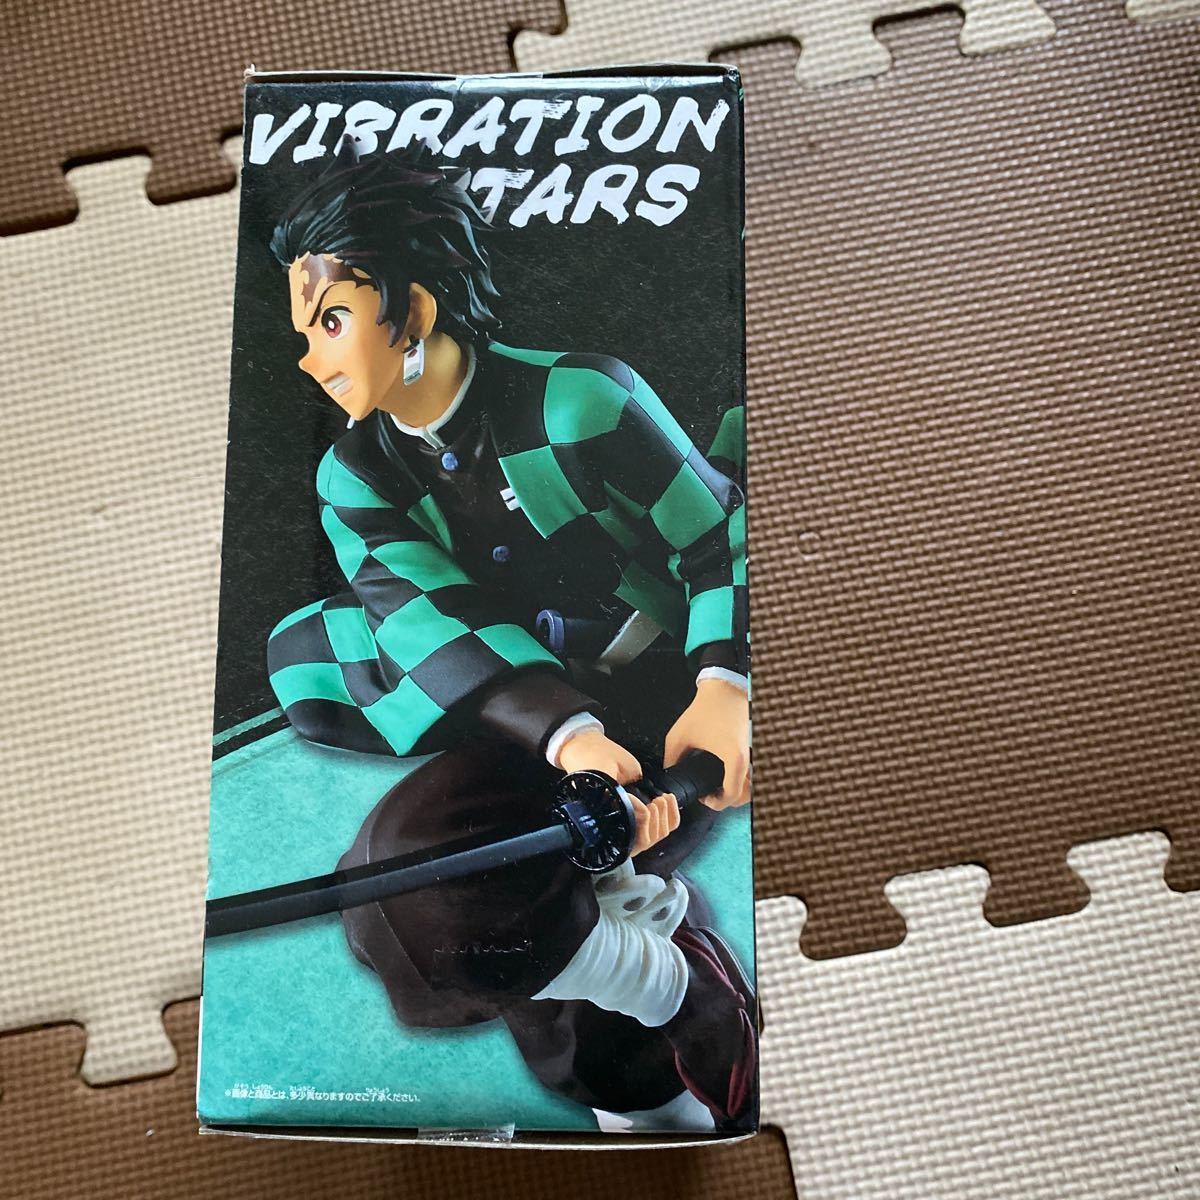 鬼滅の刃 VIBRATION STARS 竈門炭治郎